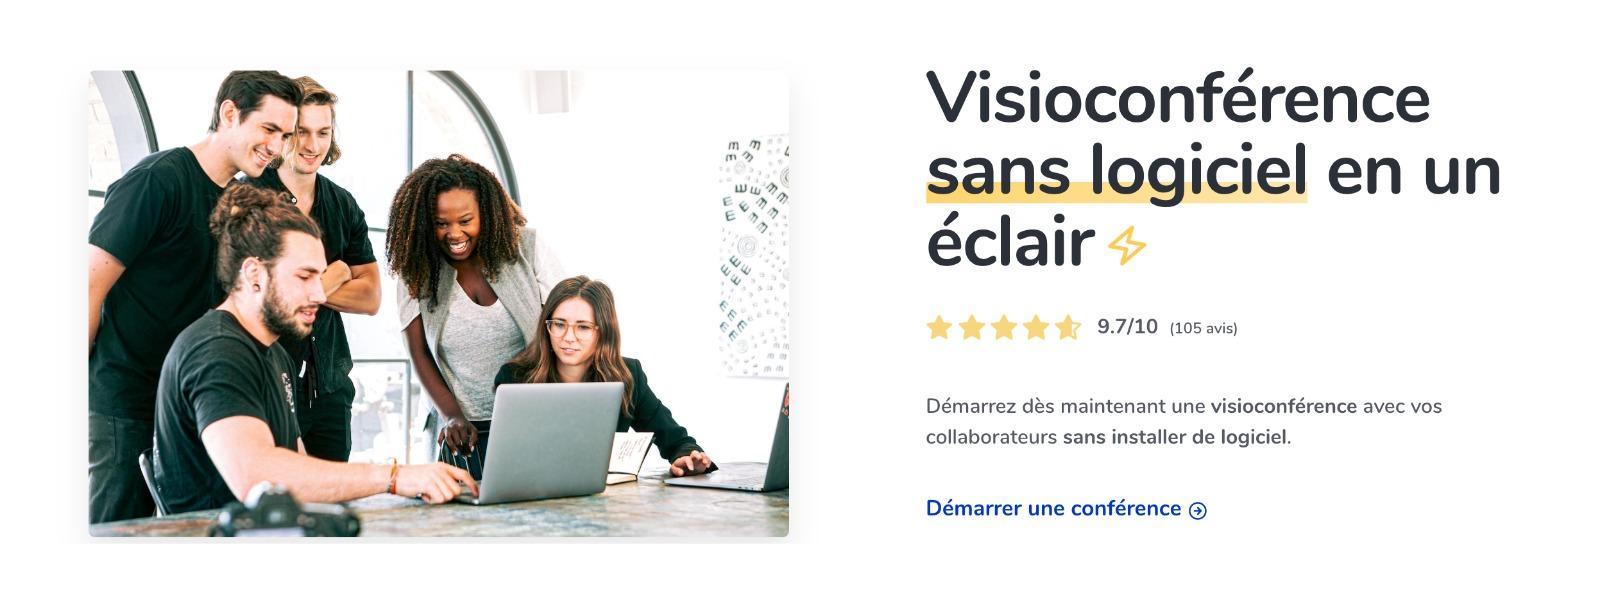 Assemblée est une solution de visioconférence qui permet de mettre en relation plusieurs utilisateurs dans un même salon de conférence vidéo.⚡️